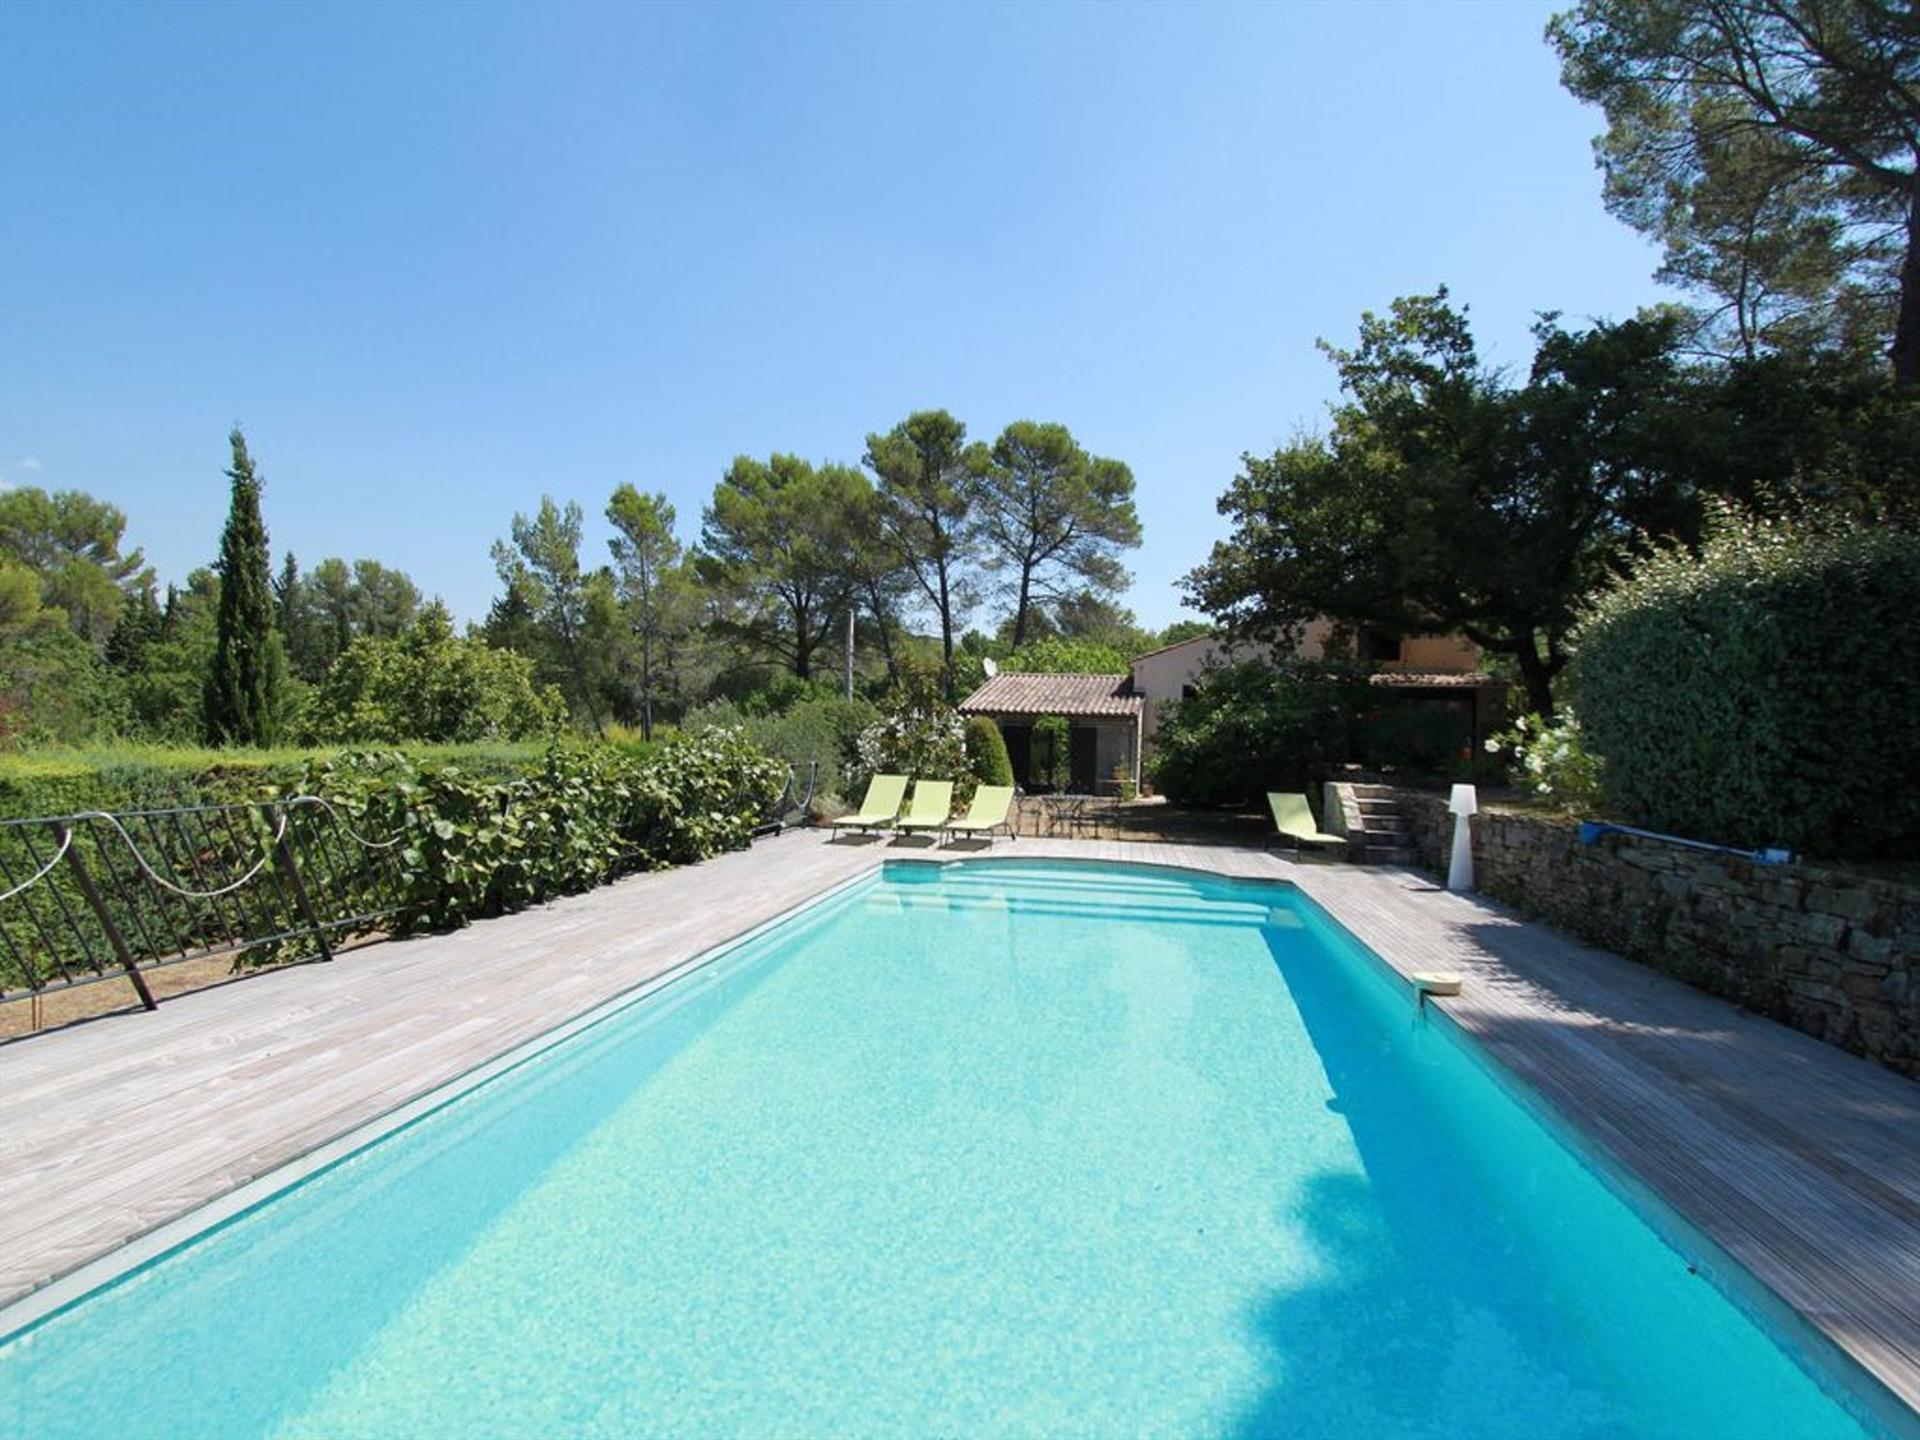 Lou niou,Schöne und romantische Villa in Tourrettes, Provence Alpes Cote d'Azur, Frankreich  mit privatem Pool für 6 Personen...